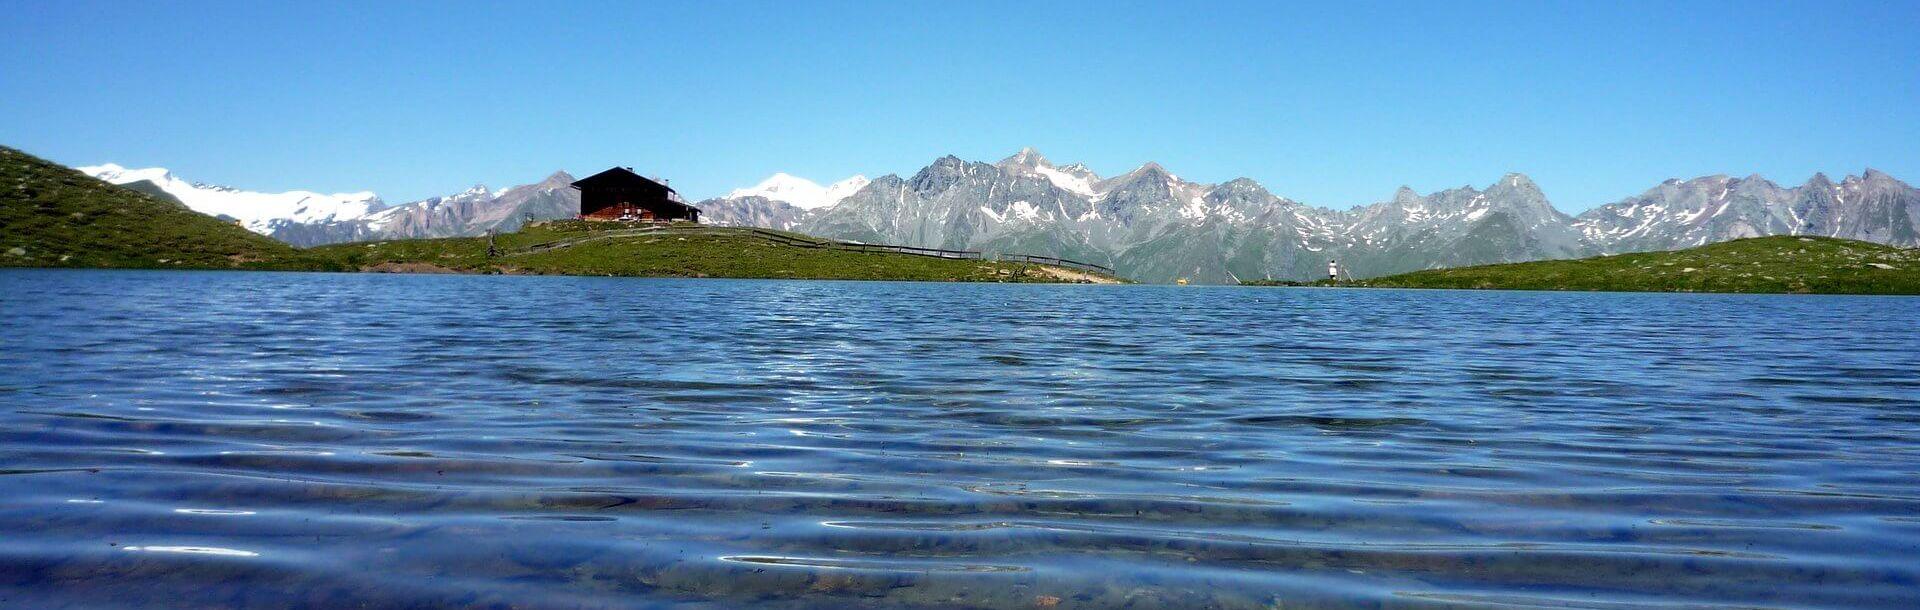 Erlebnisregion Osttirol - Hier schlägt das echte Herz der Alpen   Zupalsee Hütte 2.350 m